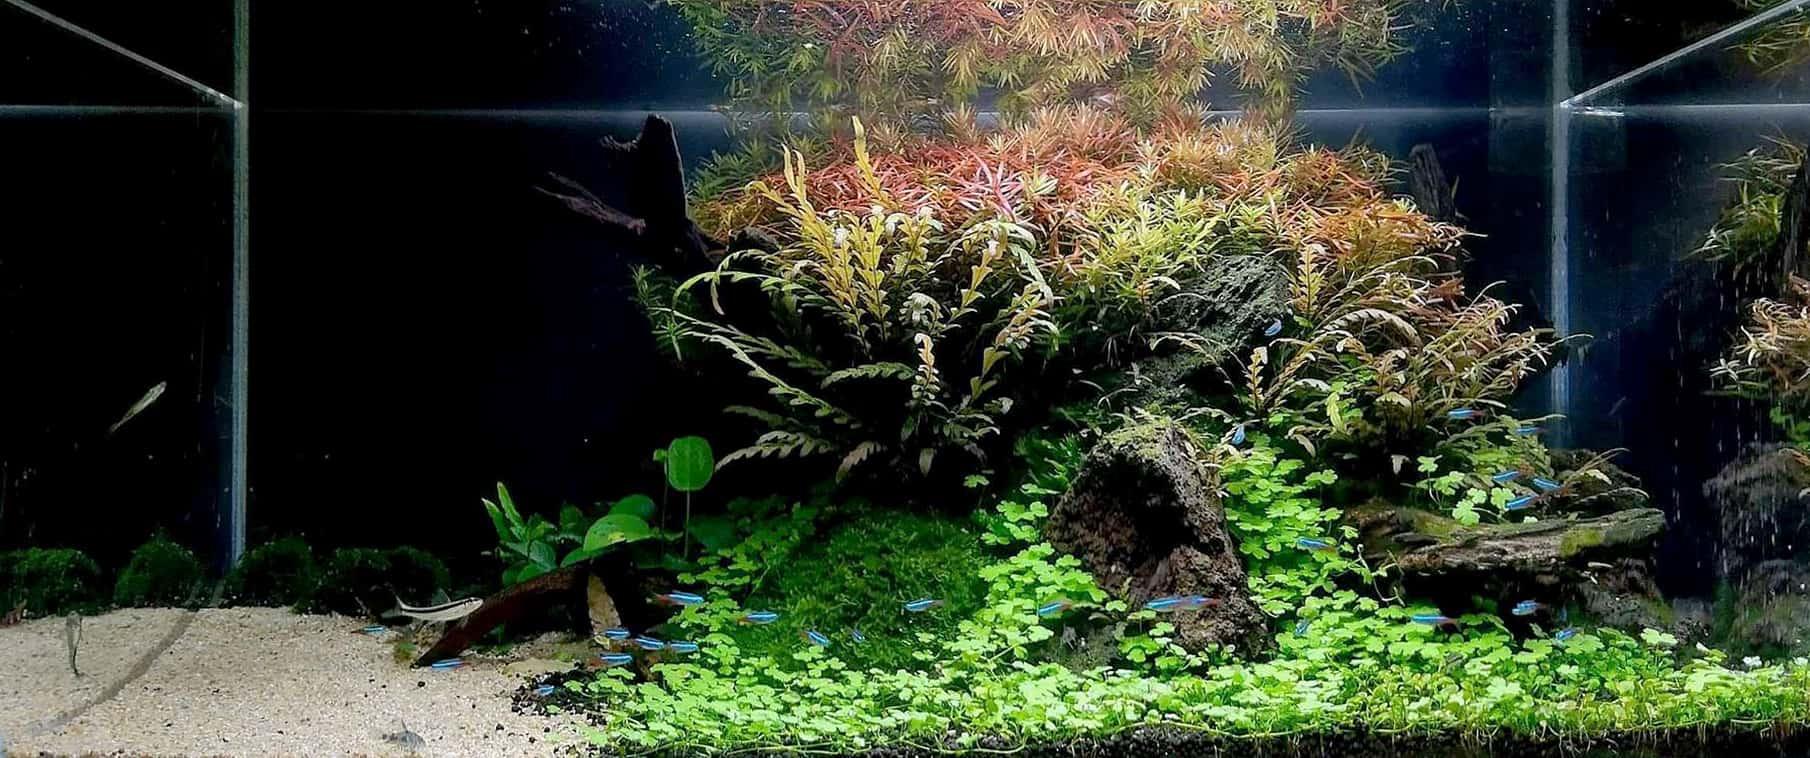 Acquario aquascape